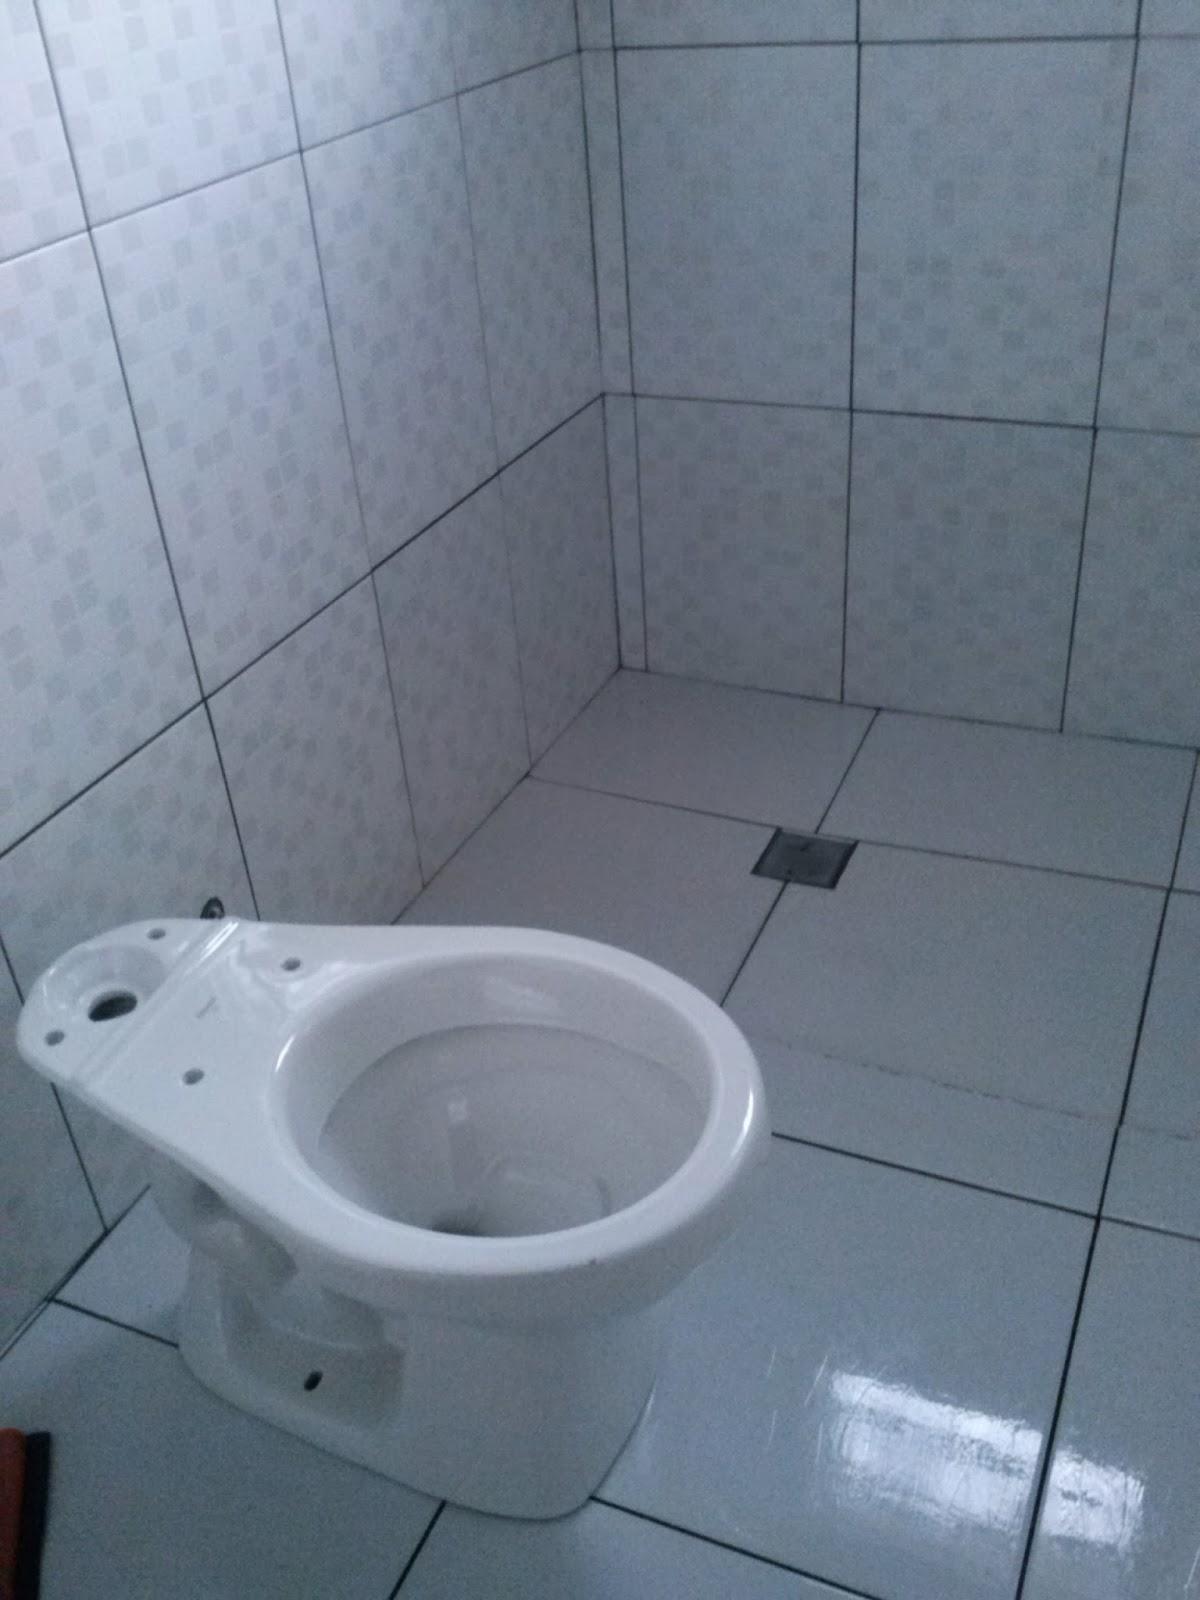 até que enfim o vaso está no lugar certo nesse banheiro rs #485D83 1200x1600 Banheiro Azulejado